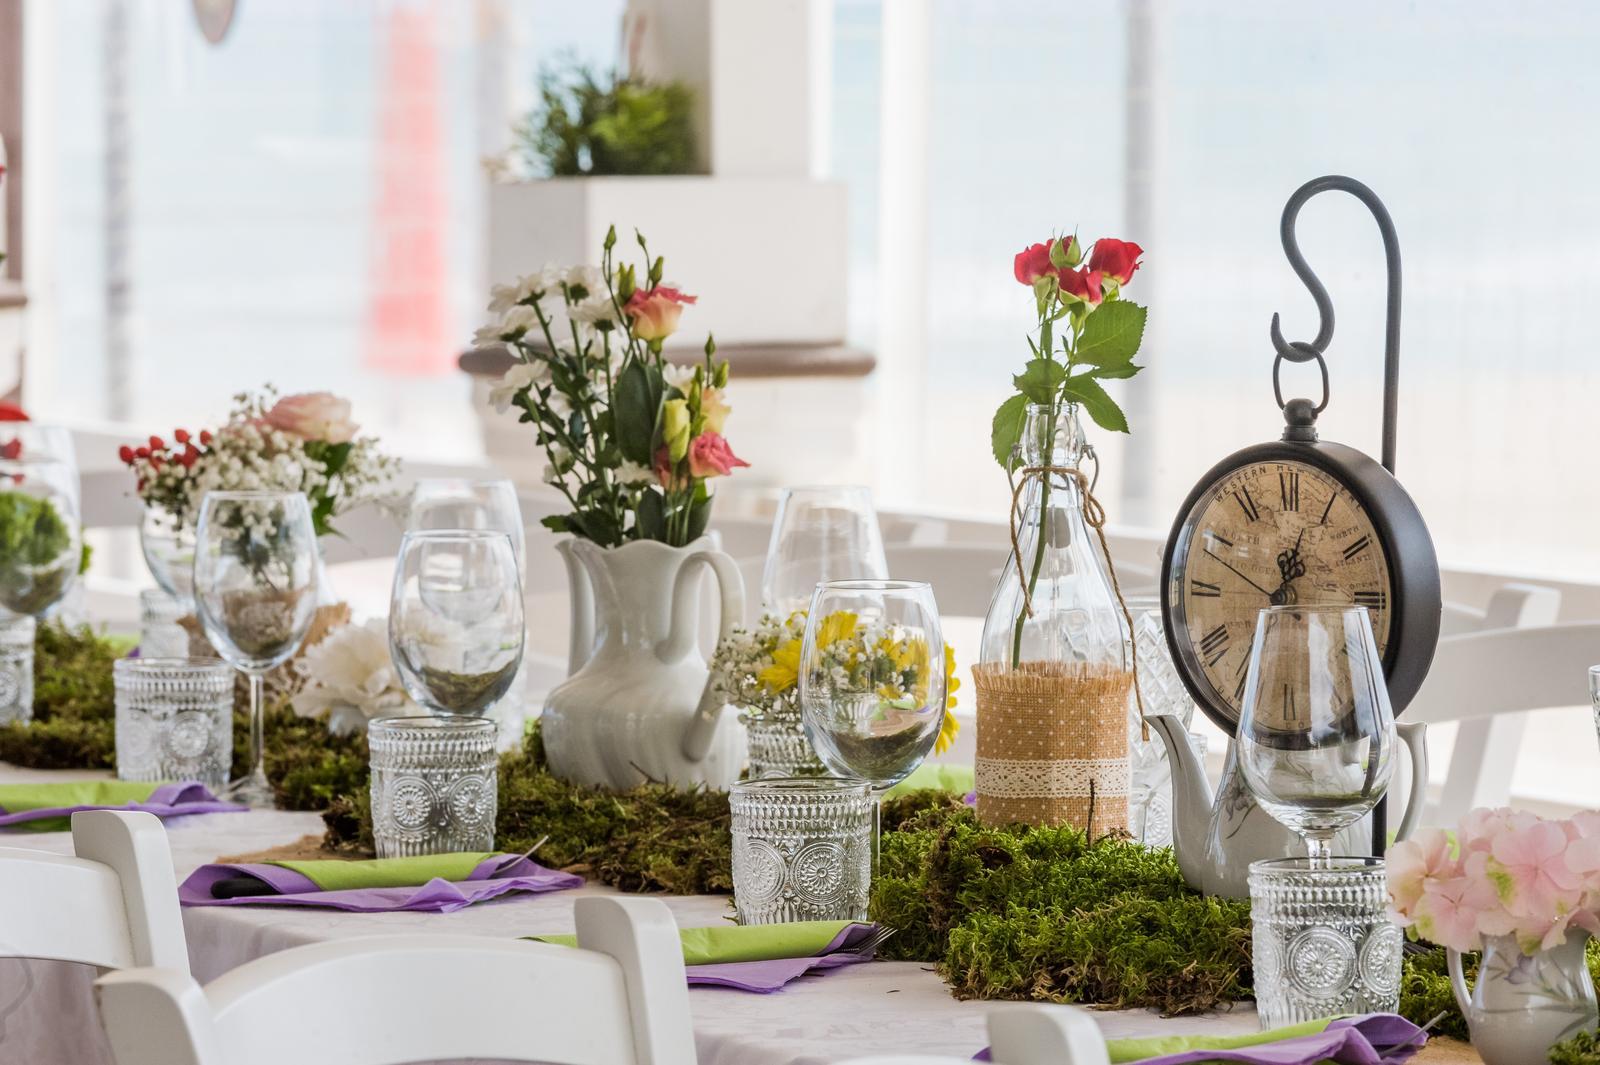 Svatby roku 2019 - Obrázek č. 18